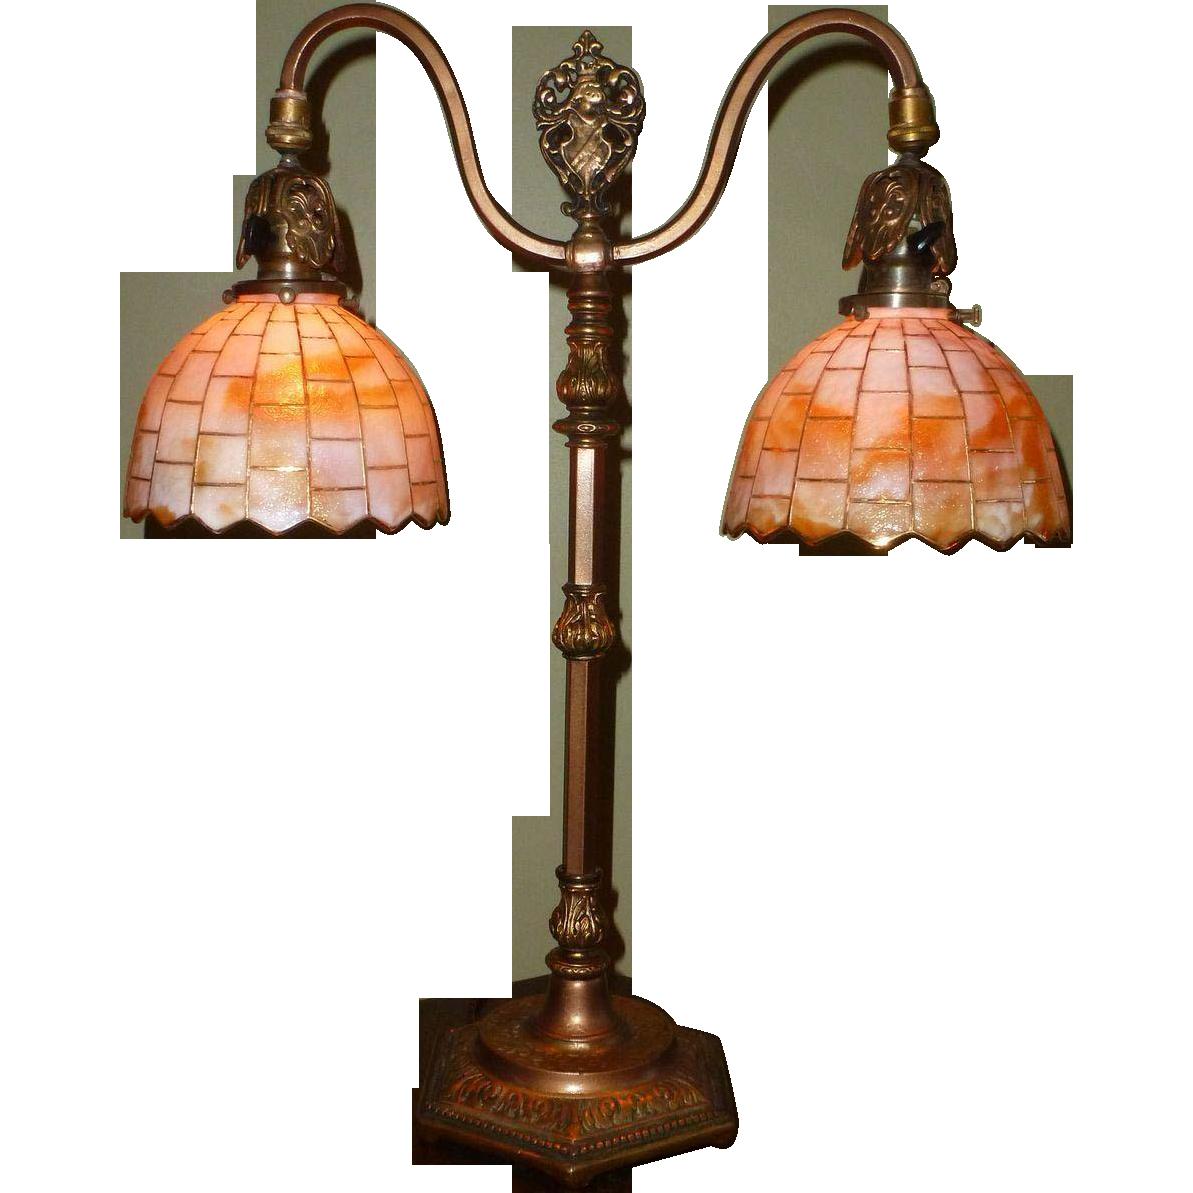 Tudor Style Double Arm Table Lamp With Slag Glass Shades